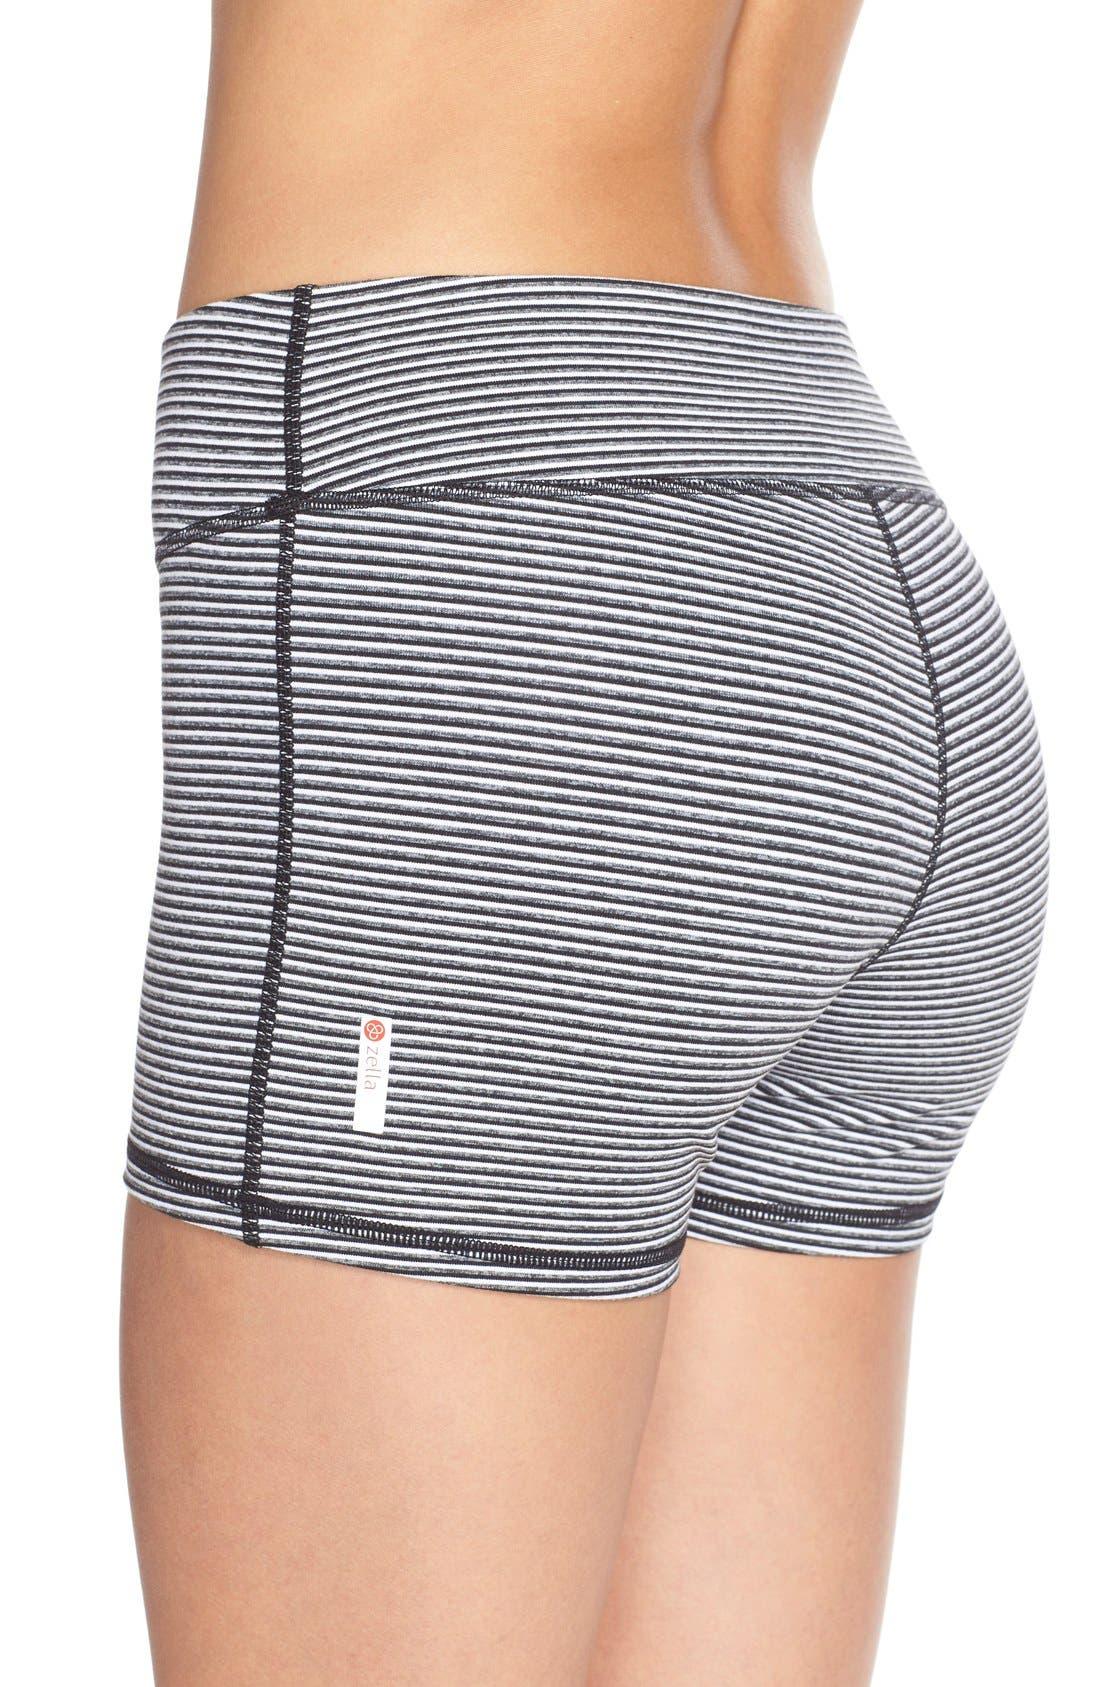 Alternate Image 4  - Zella 'Haute' Compression Shorts